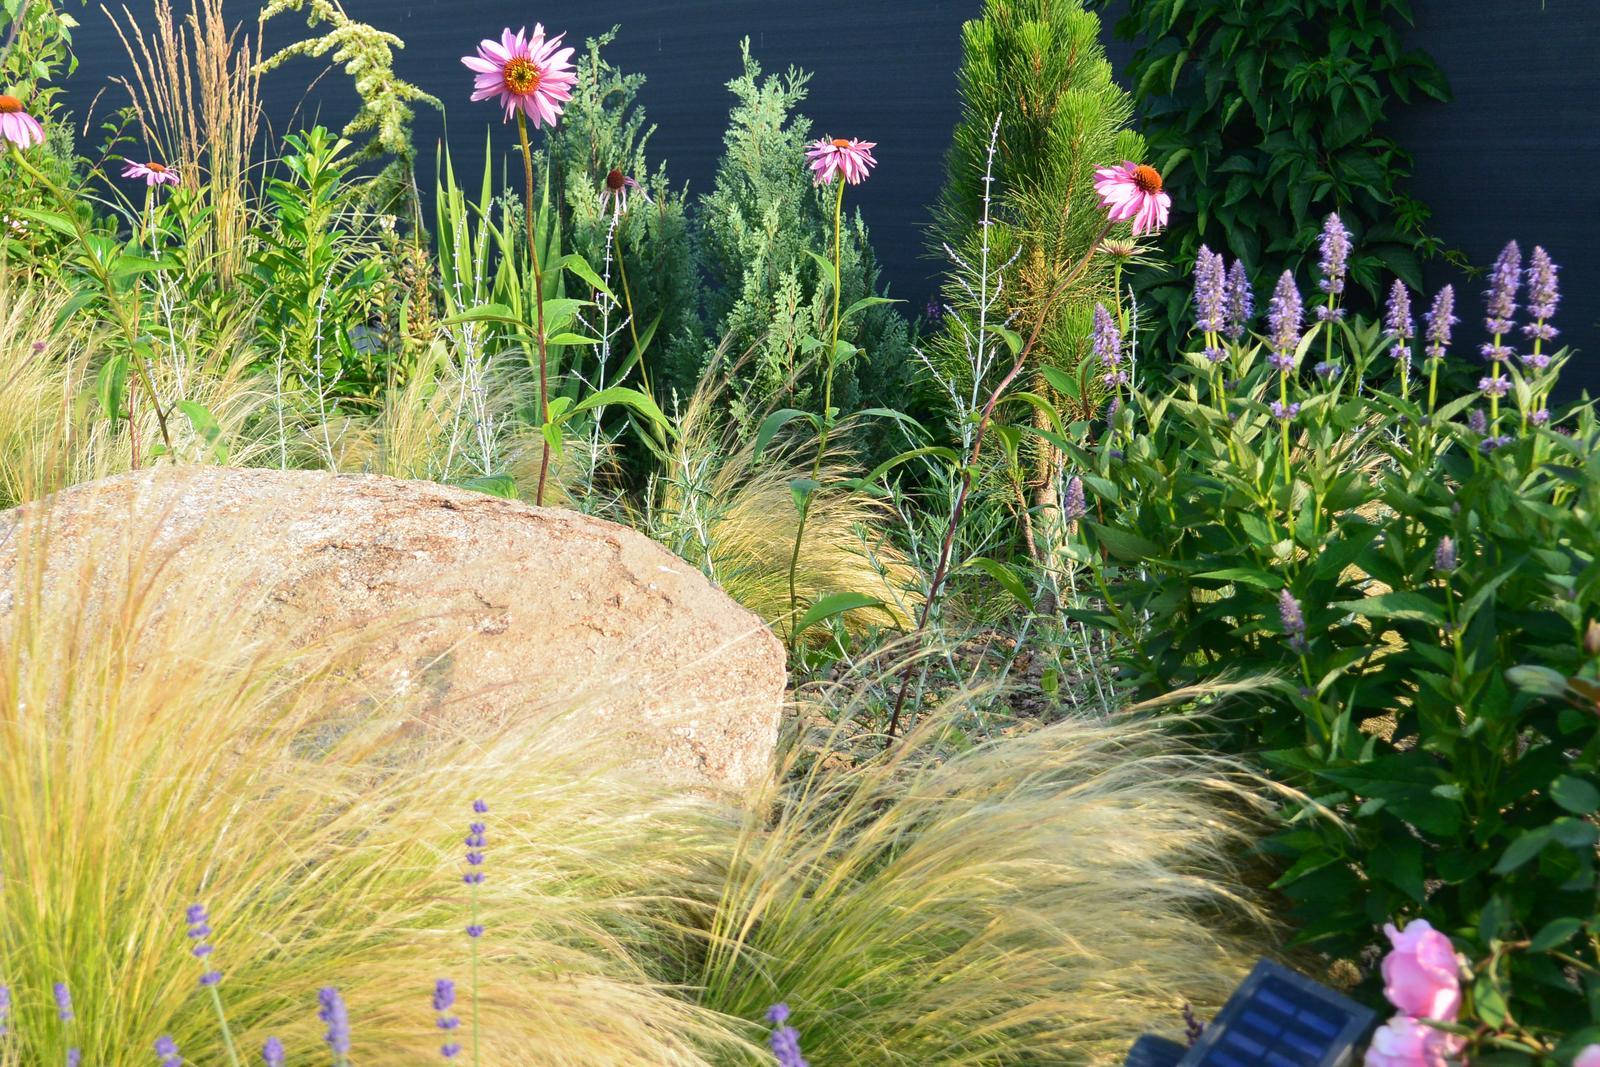 Motýlí zahrada 2019-2020 - Levandule, Perovskie, Echinacea a Agastache hmyz miluje...